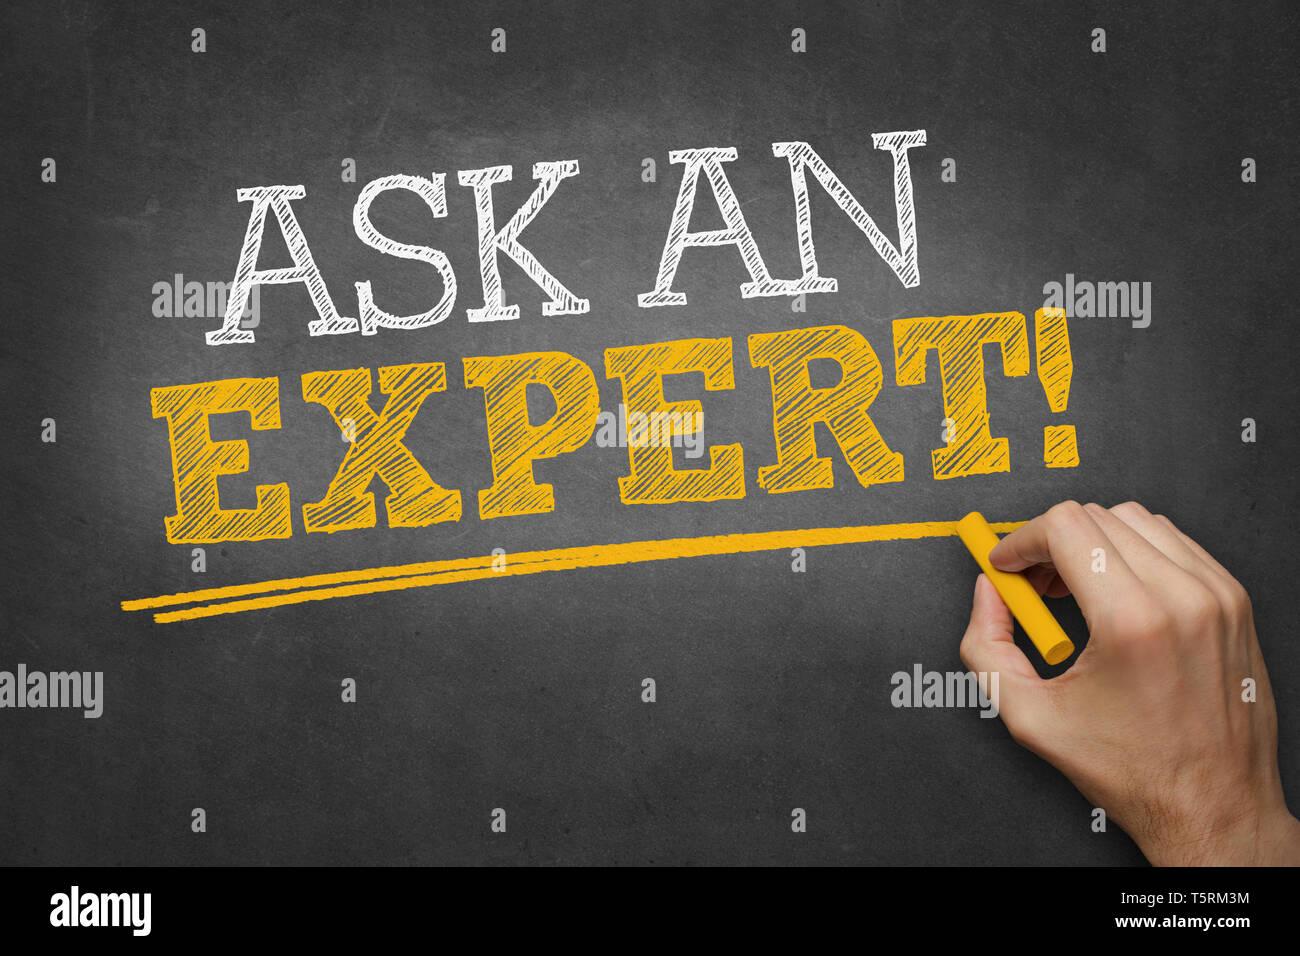 Escribe a mano Pregunte a un experto sobre la pizarra Foto de stock